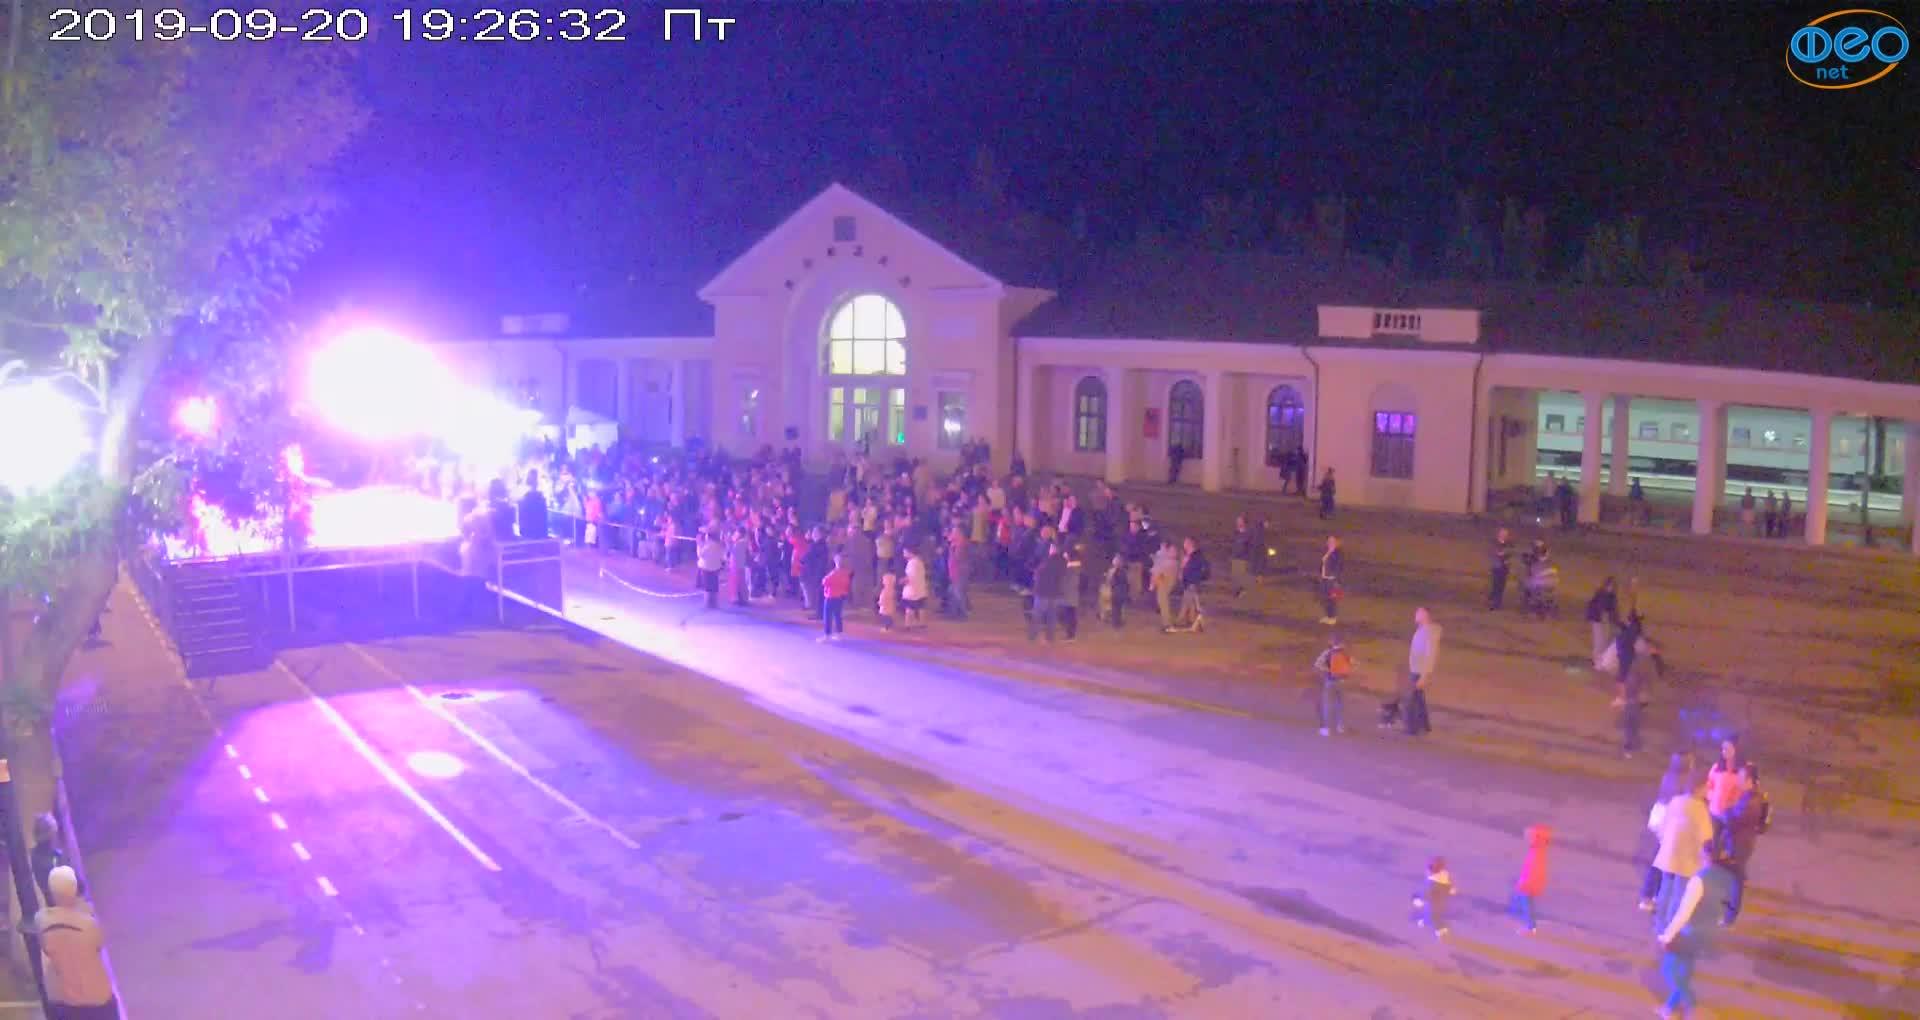 Веб-камеры Феодосии, Привокзальная площадь, 2019-09-20 19:43:08